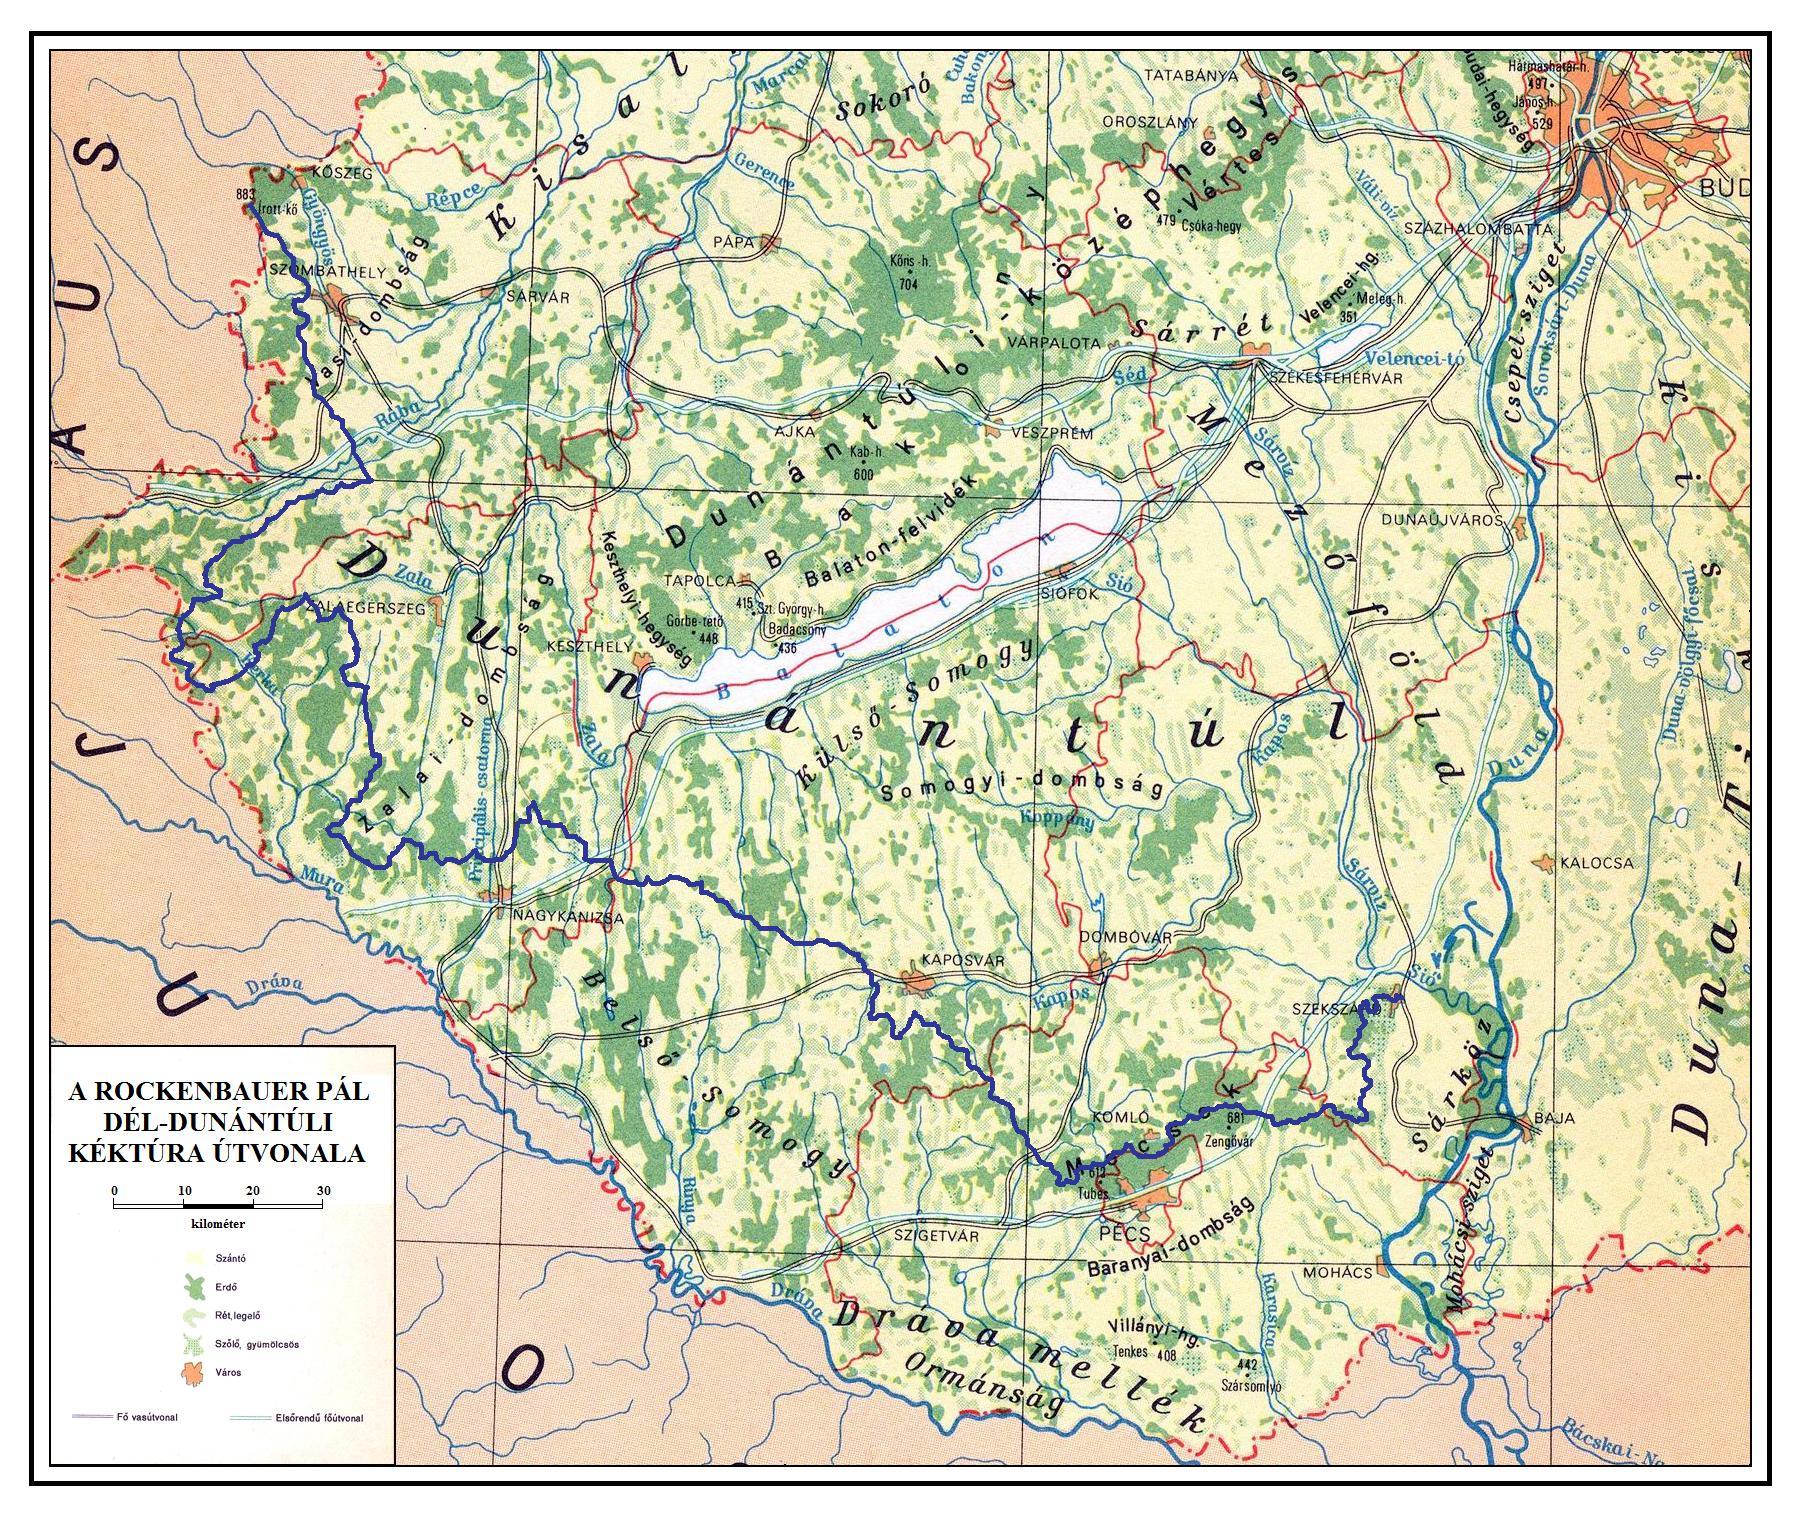 magyarország dunántúl térkép KÉKTÚRA HONLAP   A Rockenbauer Pál Dél dunántúli Kéktúra bemutatása magyarország dunántúl térkép